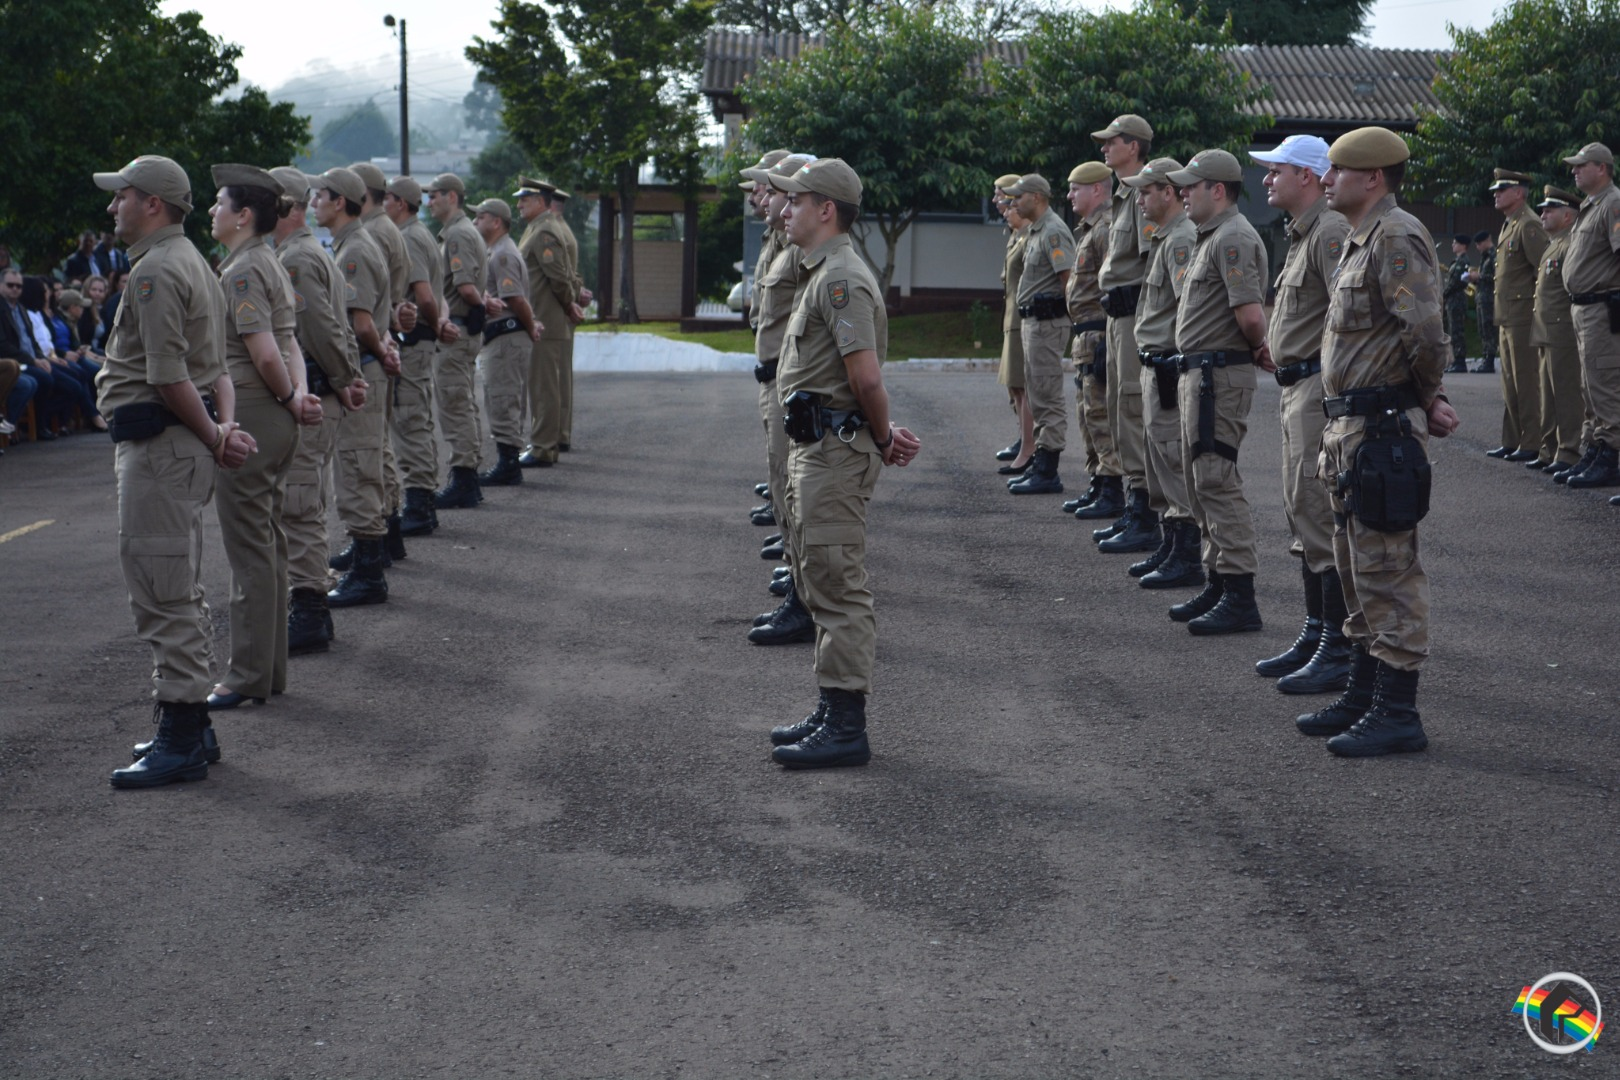 Solenidade marca aniversário de 182 anos de Polícia Militar